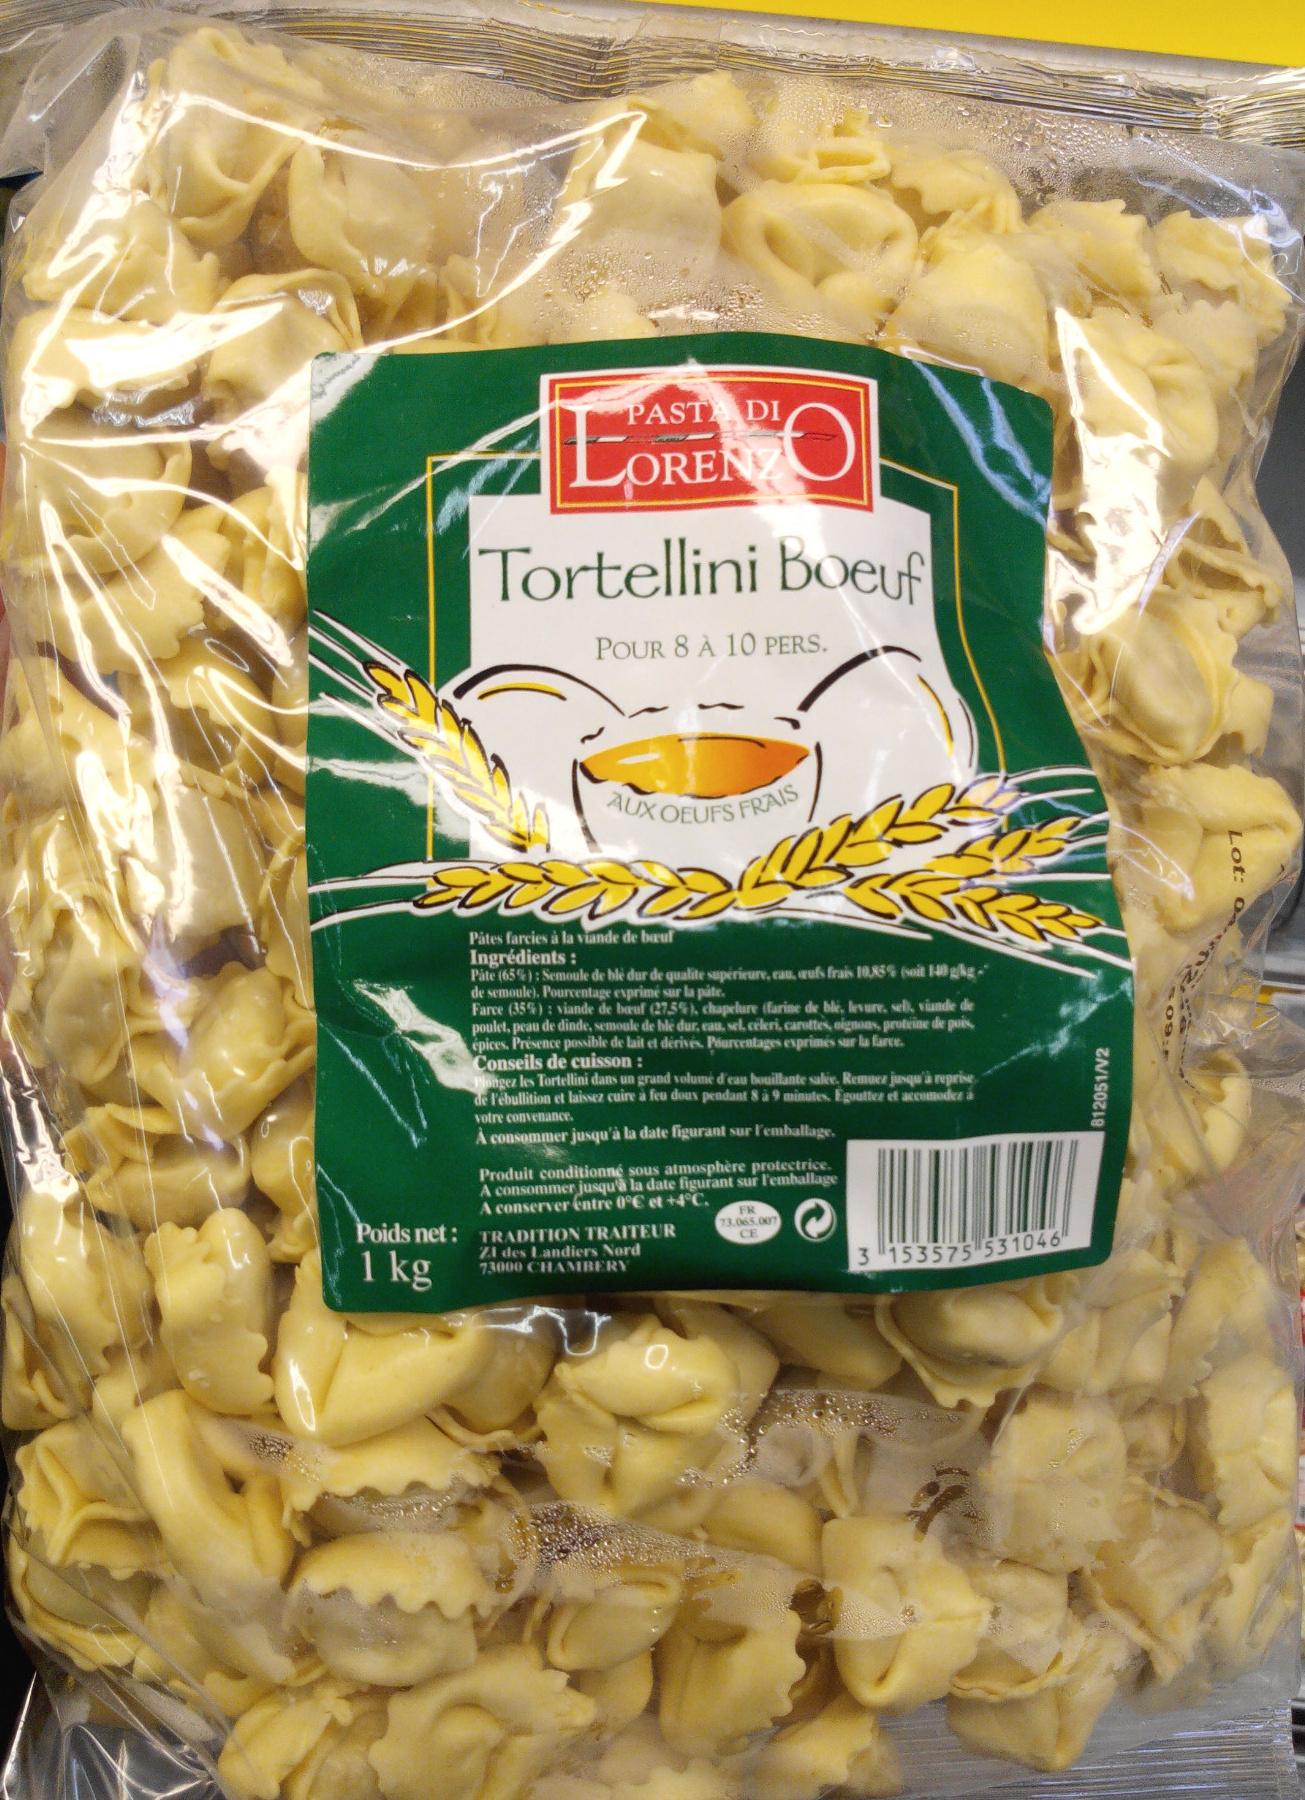 tortellini boeuf la pasta di lorenzo 1 kg